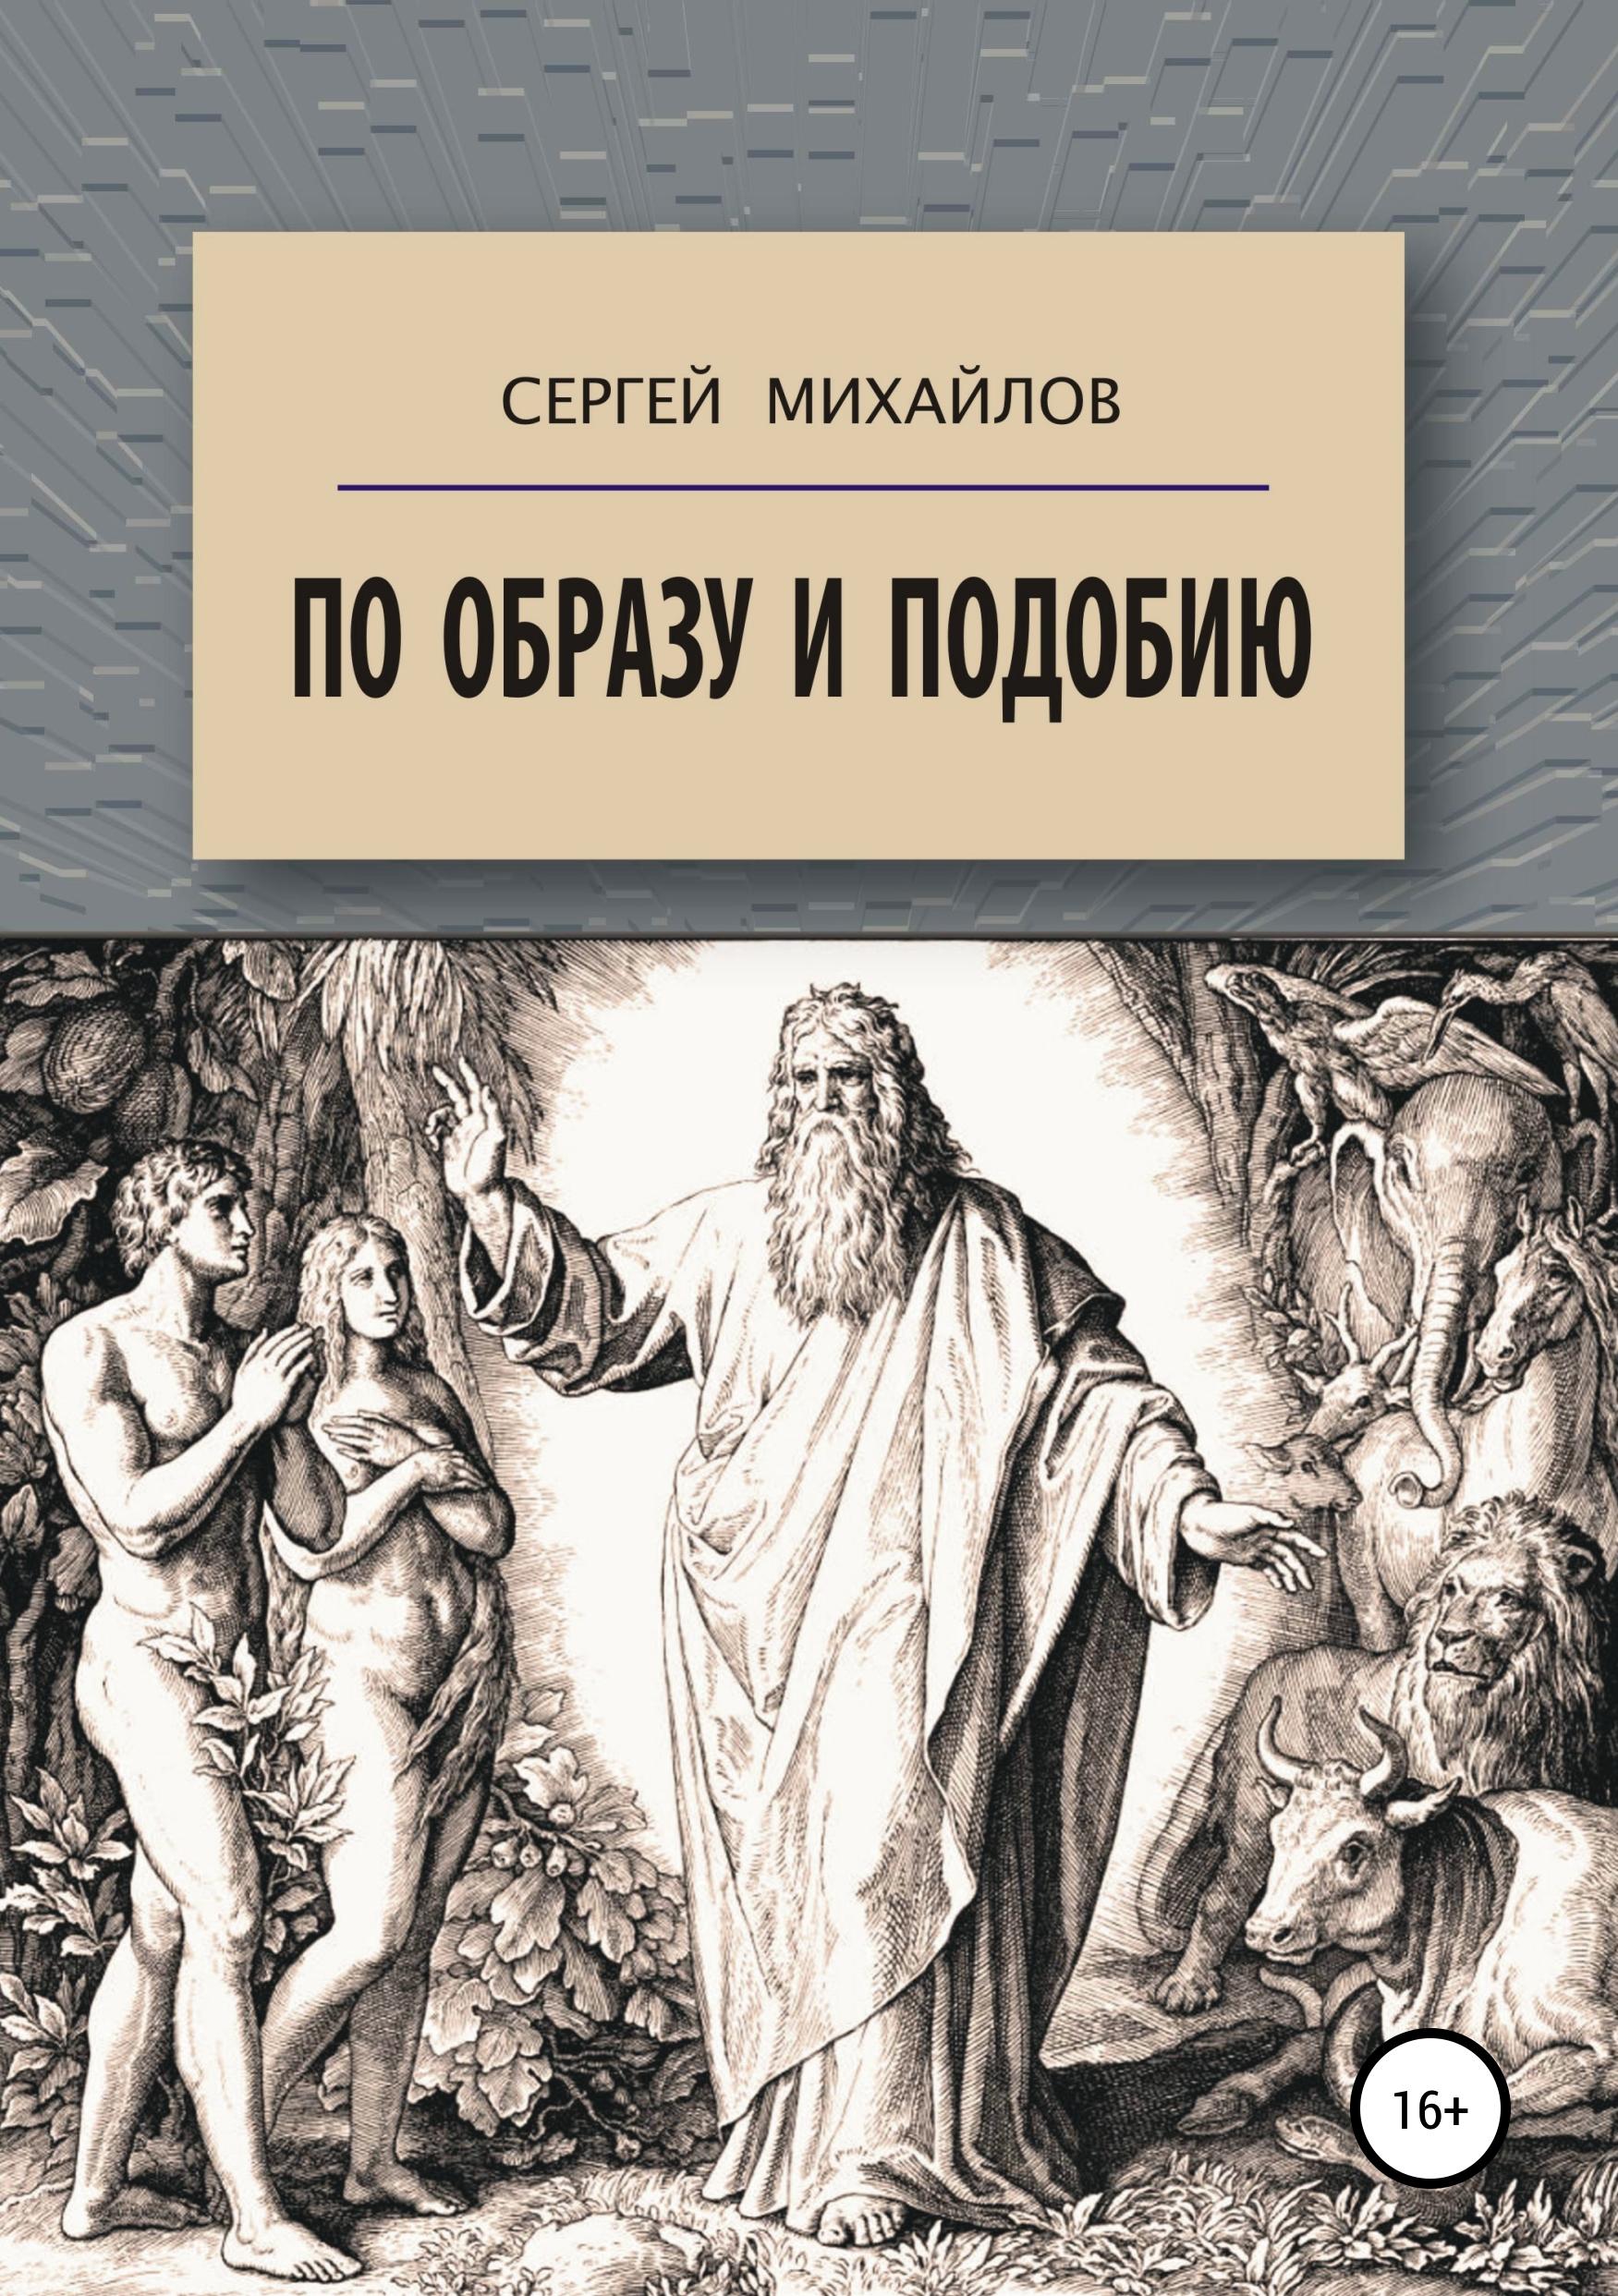 Сергей Михайлов По образу и подобию